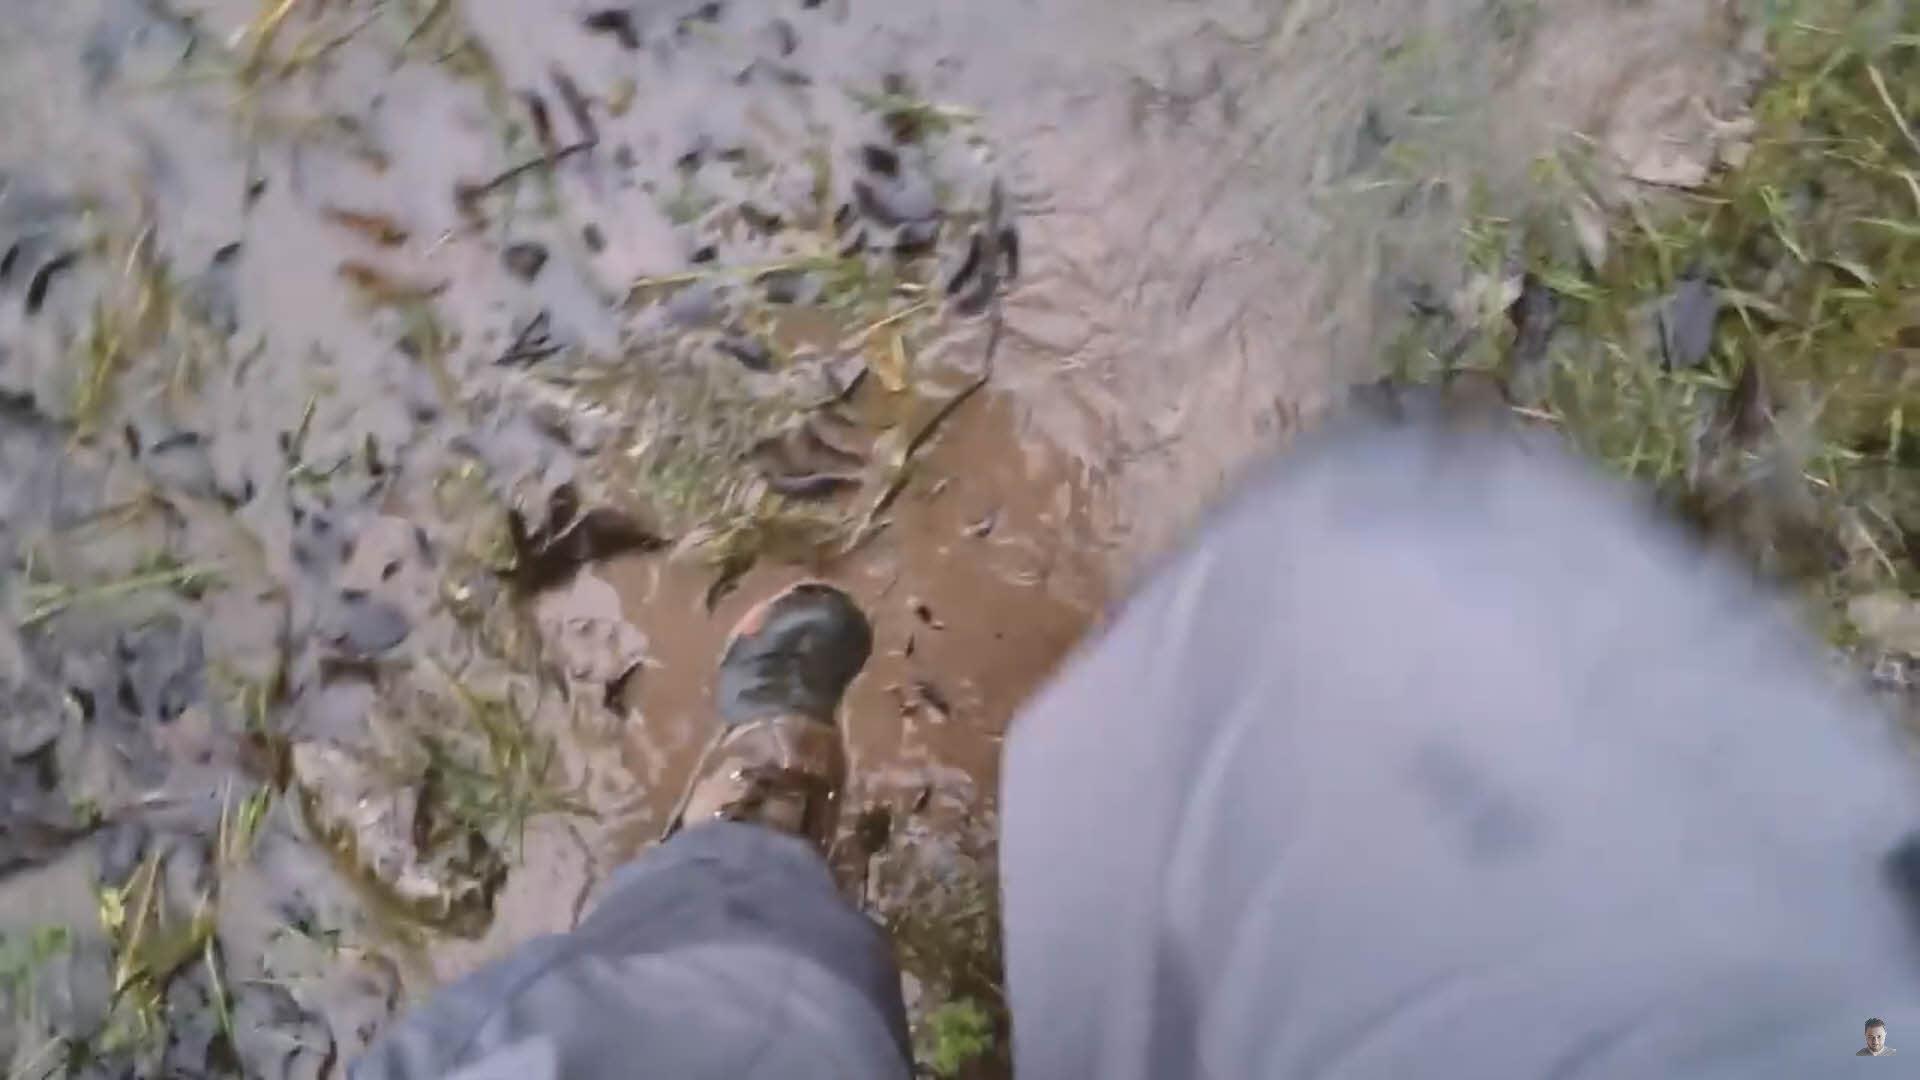 穿越泥濘的山路,才能順利抵達幽靜的拍攝點